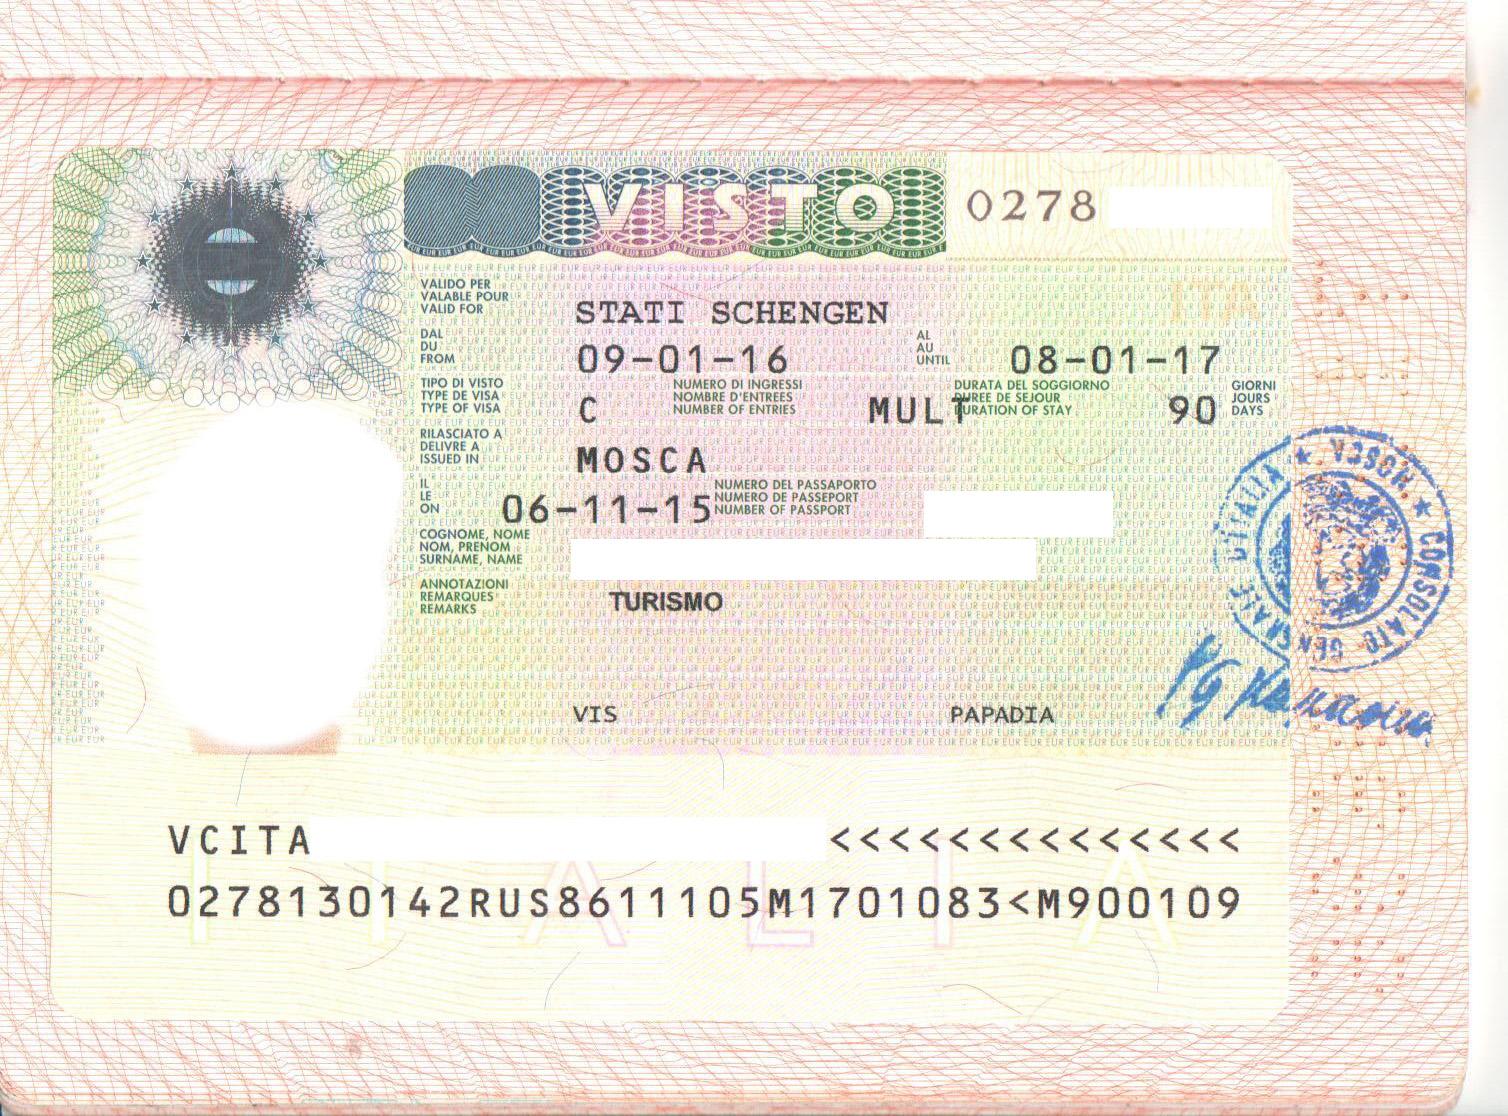 покровительствует фото на венгерский шенген пусть этот день